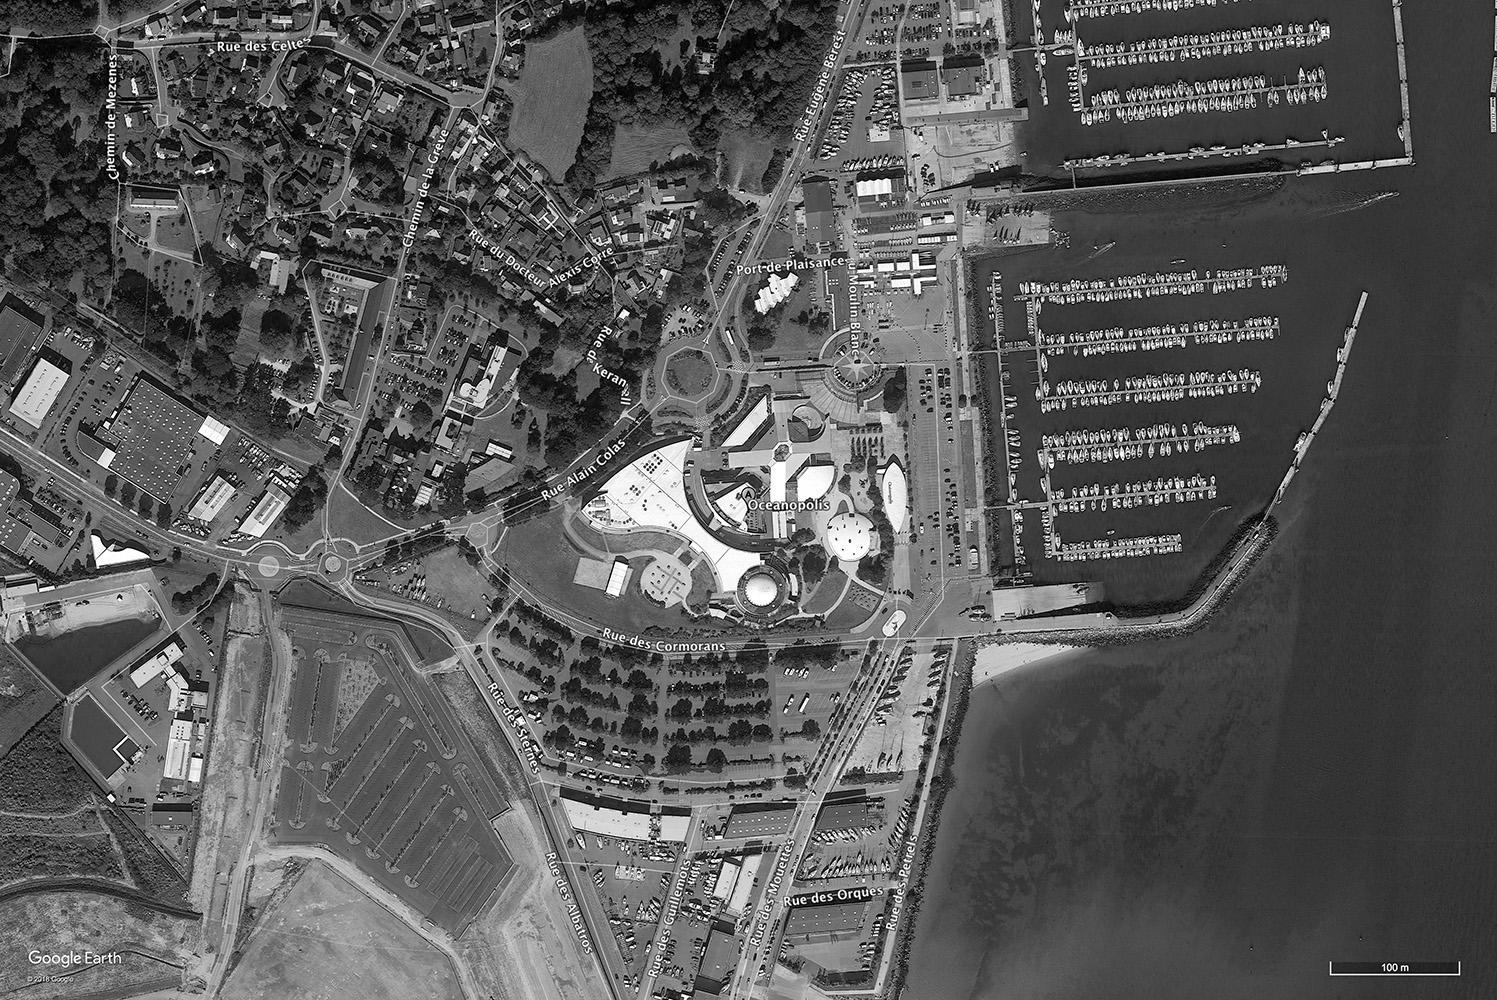 1. Location of the Aquarium